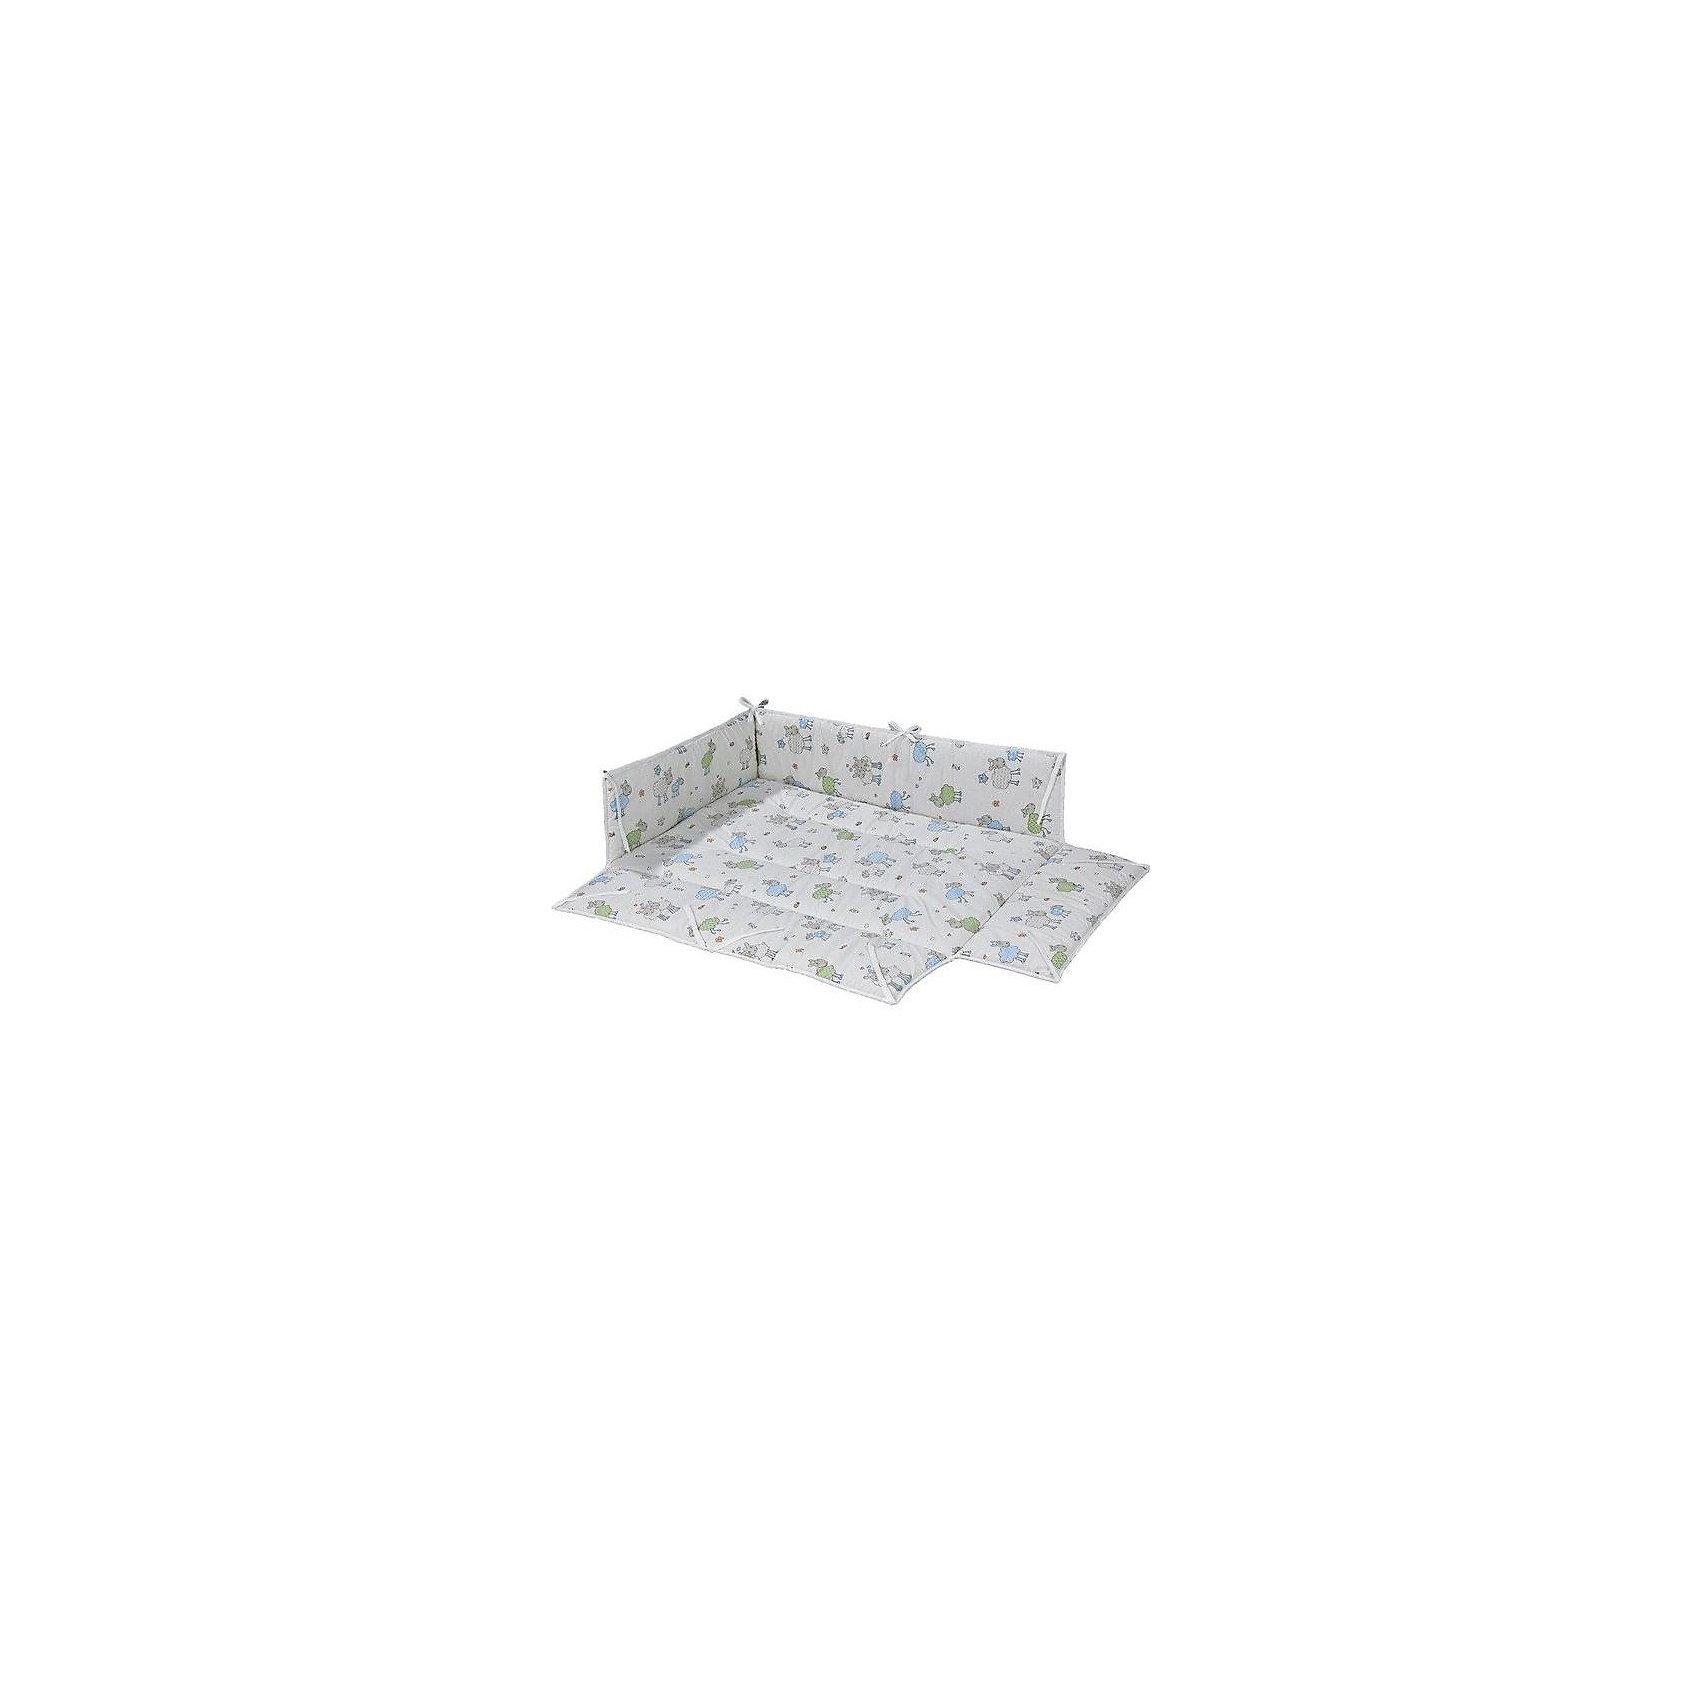 Бампер для манежа AMELI, GeutherБампер для манежа AMELI, Geuther<br><br>Характеристики:<br>- Материал: хлопок<br>- Наполнитель: полиэстер<br>- Машинная стирка: доступна<br>- Размер: 102 * 5 * 94,5 см.<br>- Вес: 1 кг.<br>Бампер для манежа AMELI от немецкого бренда, Geuther (Гётер) станет отличным дополнением к вашему манежу, обеспечит мягкость и уют малыша во время игры и сна, а также защитит от сквозняков. Симпатичный дизайн с синими и зелеными овечками, бабочками и совами подойдет как мальчикам, так и девочкам. Нейтральный фон будет хорошо смотреться в любом интерьере комнаты ребенка. Созданный специально для манежа Ameli (Амели), бампер идеально заполняет всю поверхность и фиксируется надежными завязками. Отличное немецкое качество бампера обеспечит необходимую заботу о крохе.<br><br>Бампер для манежа AMELI, Geuther (Гётер) можно купить в нашем интернет-магазине.<br>Подробнее:<br>• Для детей в возрасте: от 0 до 24 месяцев <br>• Номер товара: 5089868<br>Страна производитель: Германия<br><br>Ширина мм: 200<br>Глубина мм: 1060<br>Высота мм: 900<br>Вес г: 1400<br>Возраст от месяцев: 0<br>Возраст до месяцев: 24<br>Пол: Унисекс<br>Возраст: Детский<br>SKU: 5089868